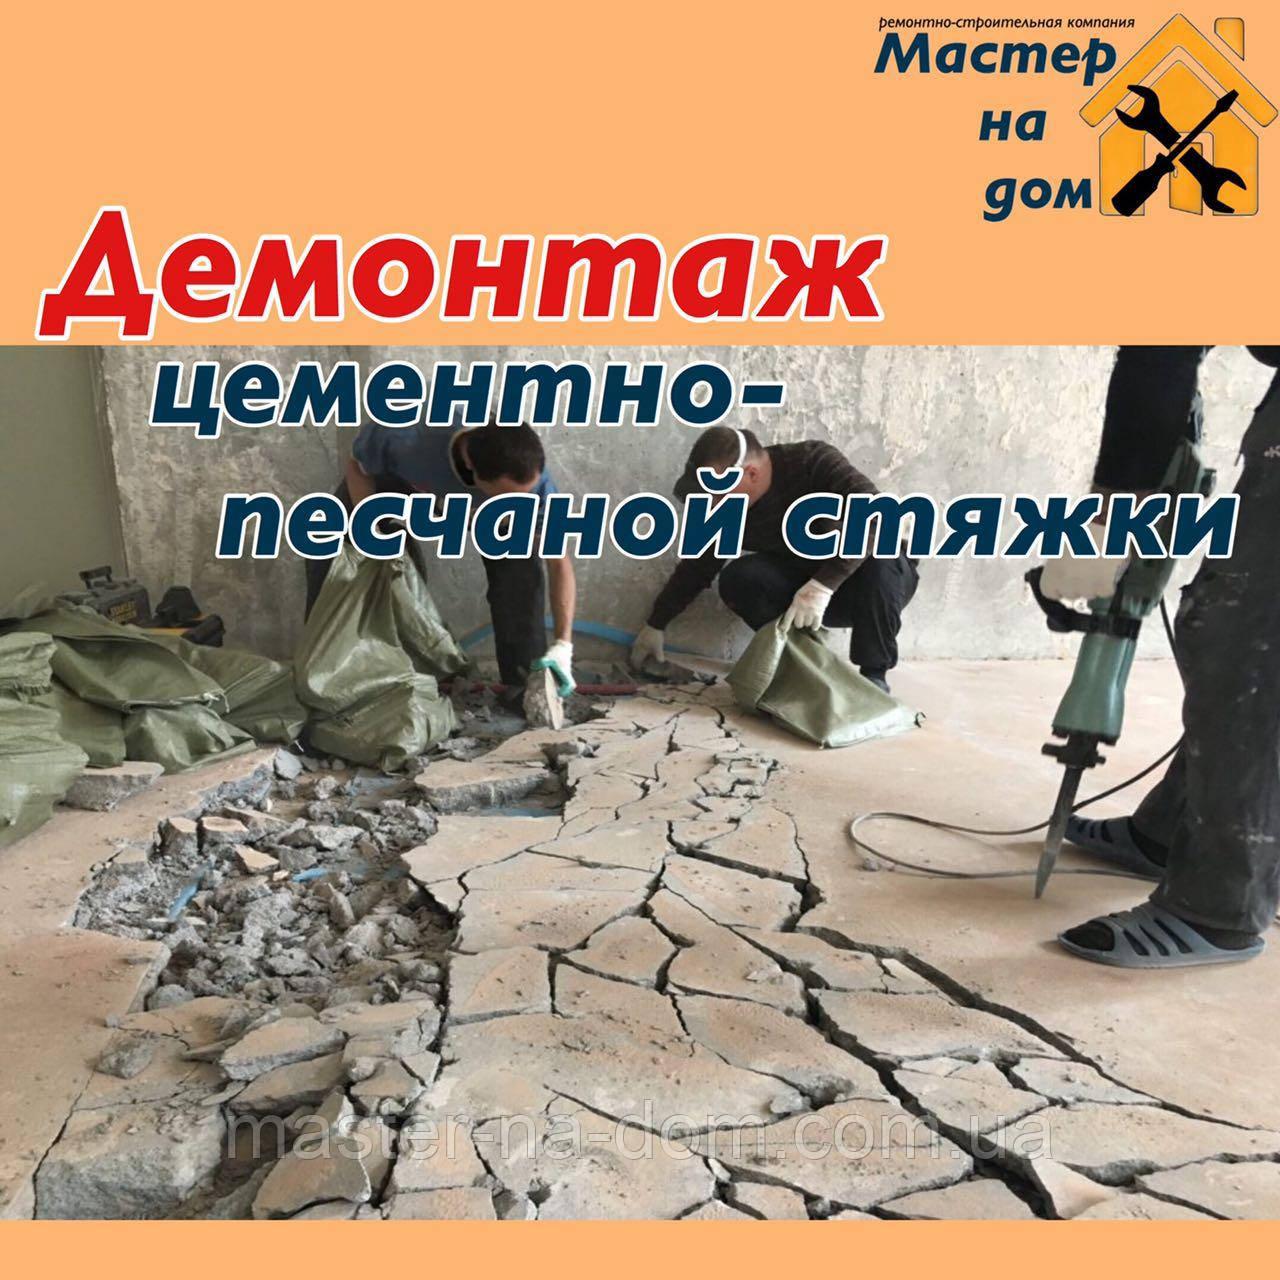 Демонтаж цементно-песчаной стяжки пола в Ивано-Франковске